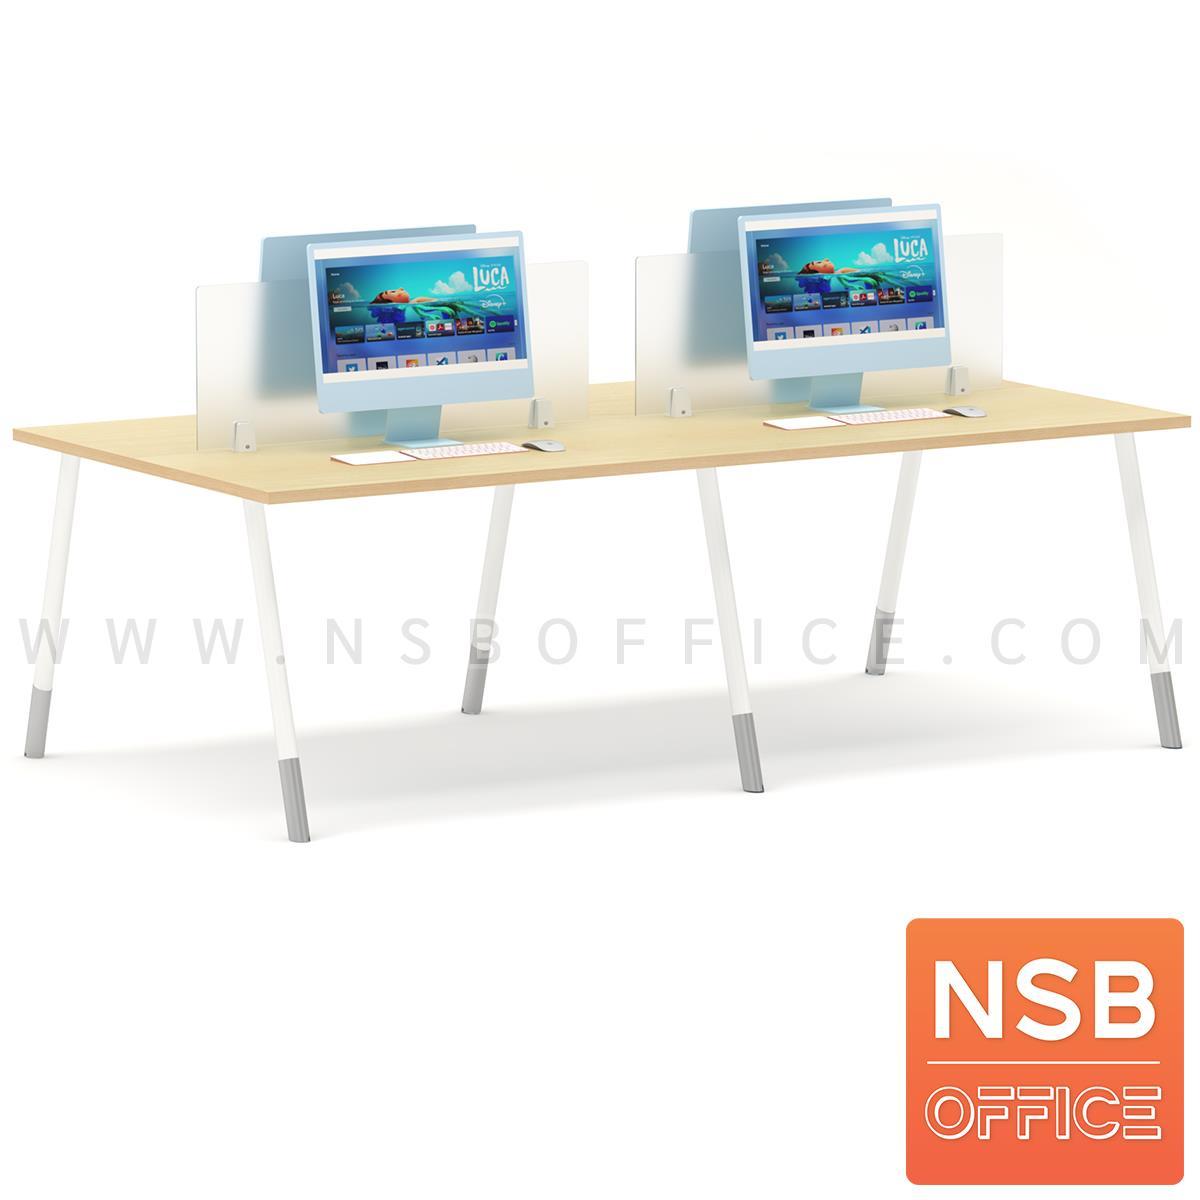 ชุดโต๊ะทำงาน 4 ที่นั่ง  รุ่น Brenton (เบรนตัน) ขนาด 240W*120D cm. พร้อมมินิสกรีนด้านหน้า